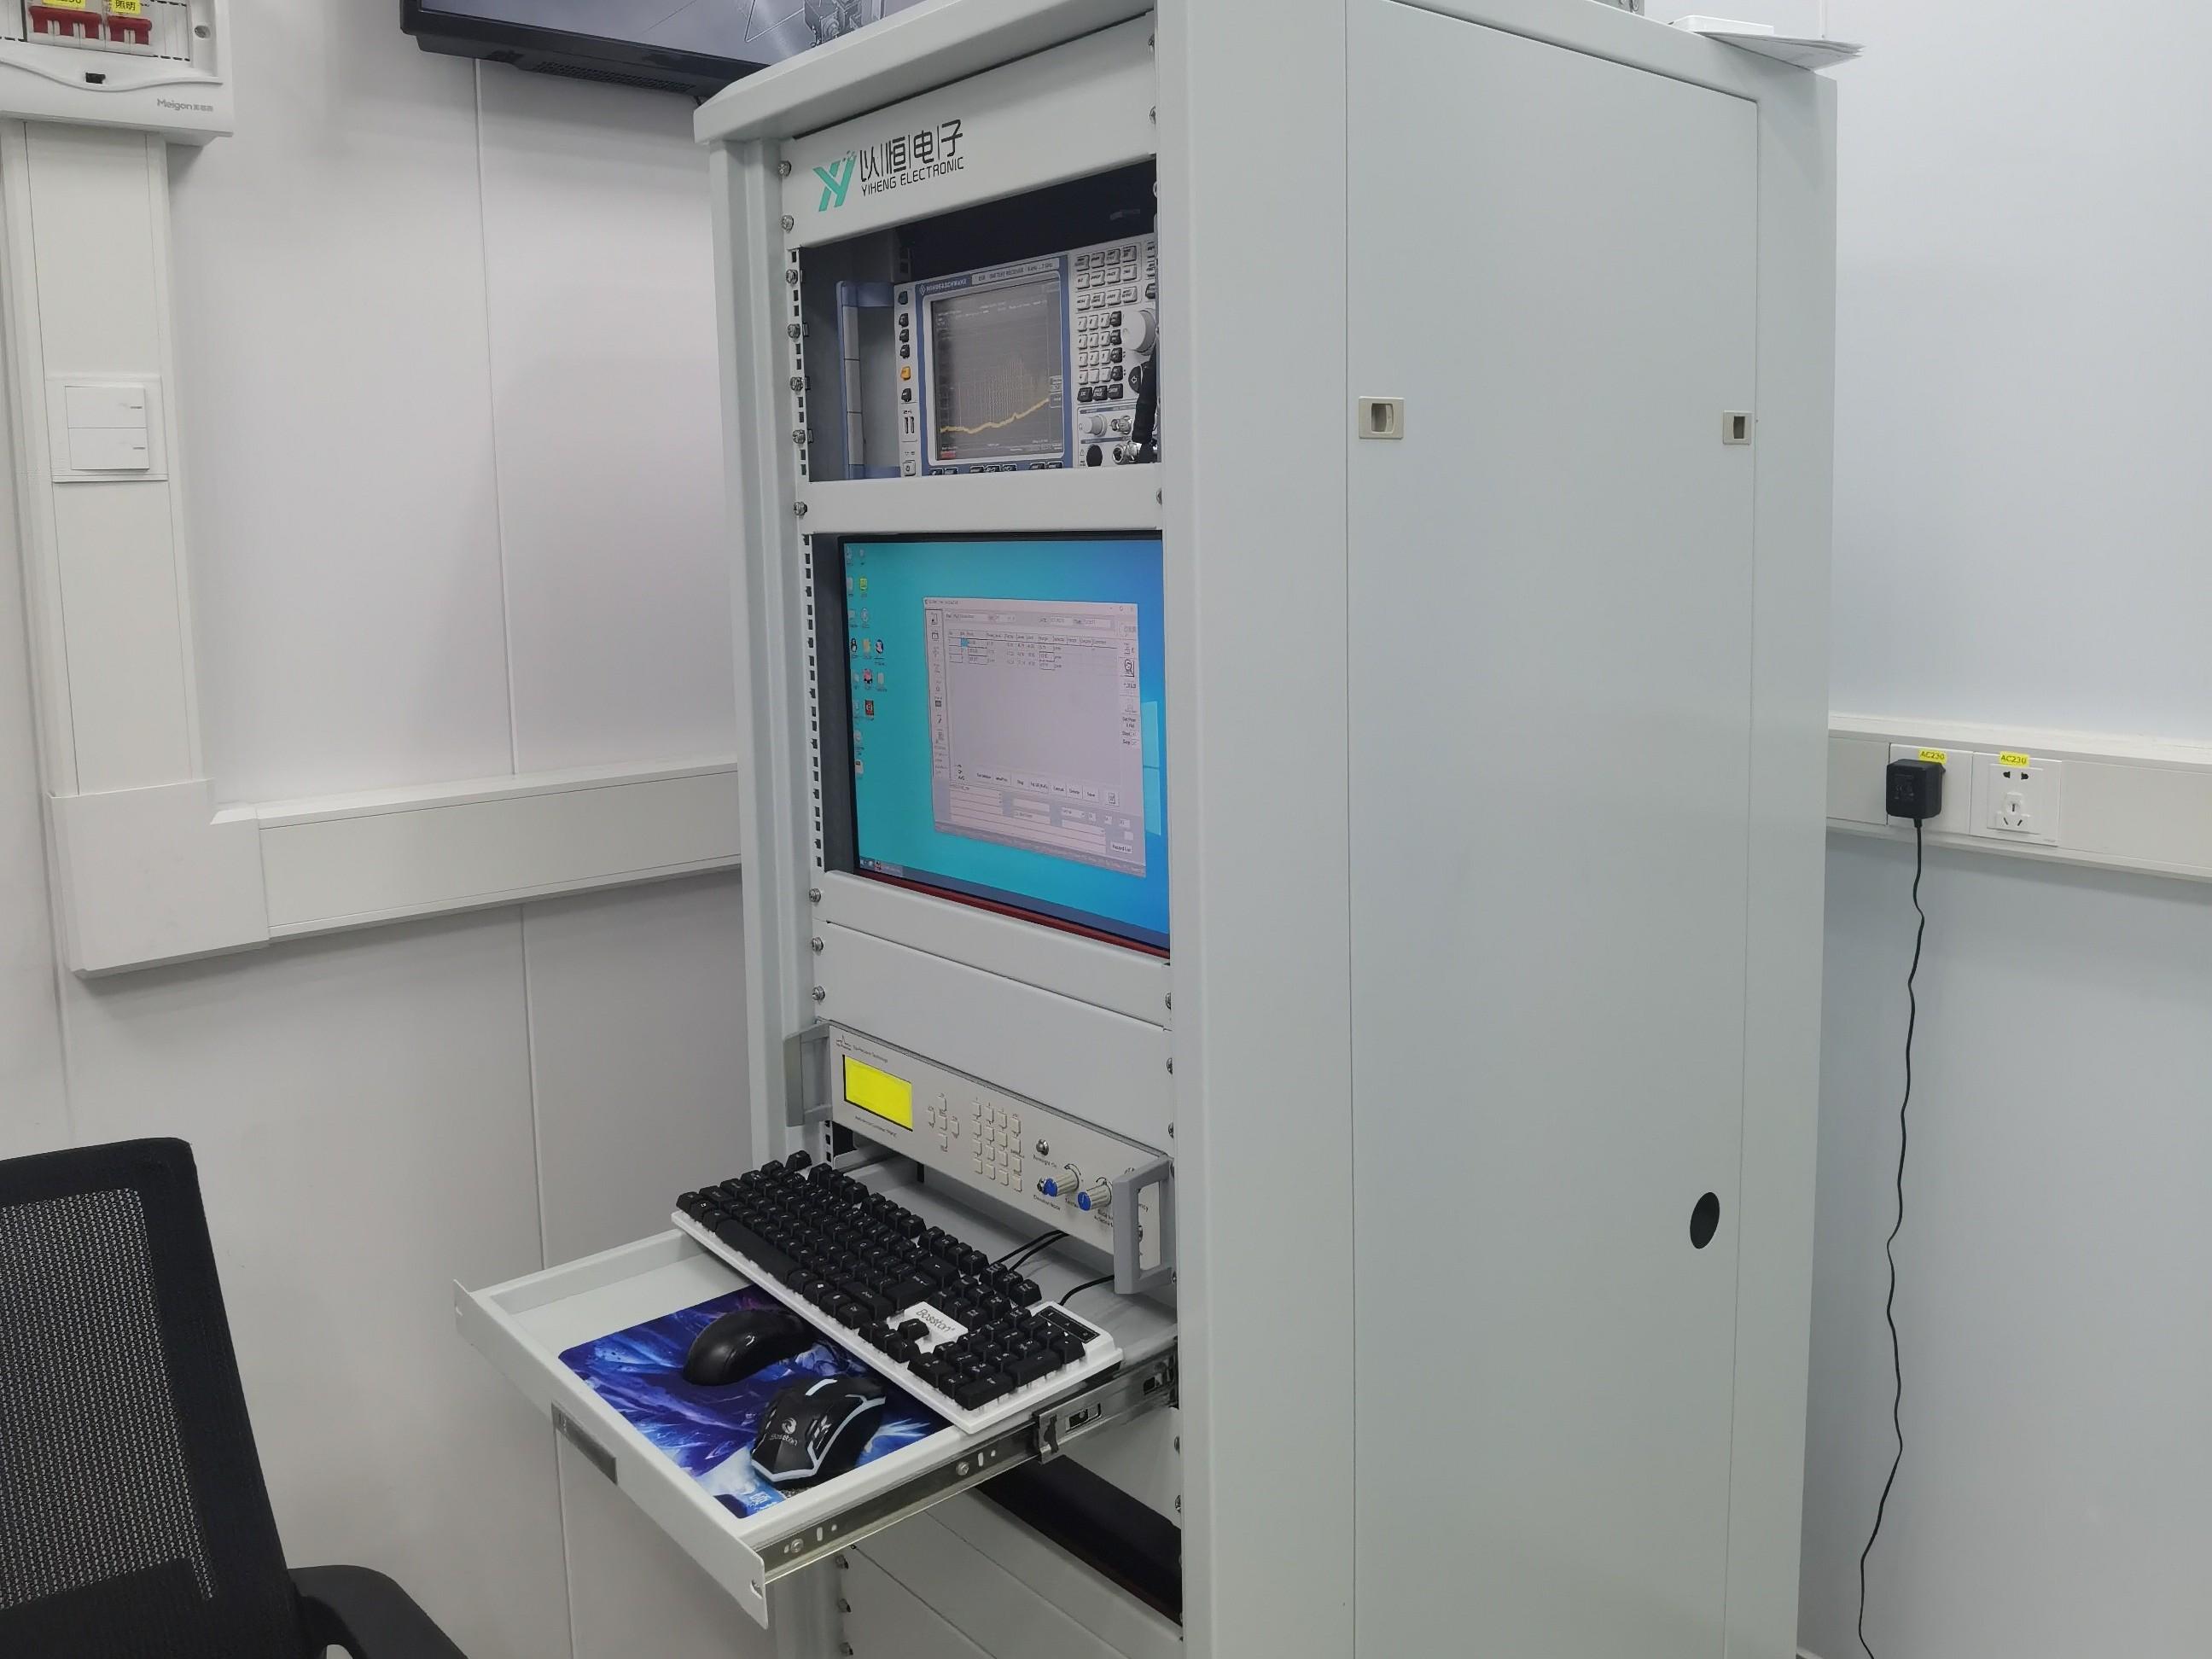 深圳EMC测试认证公司您产品我来检测